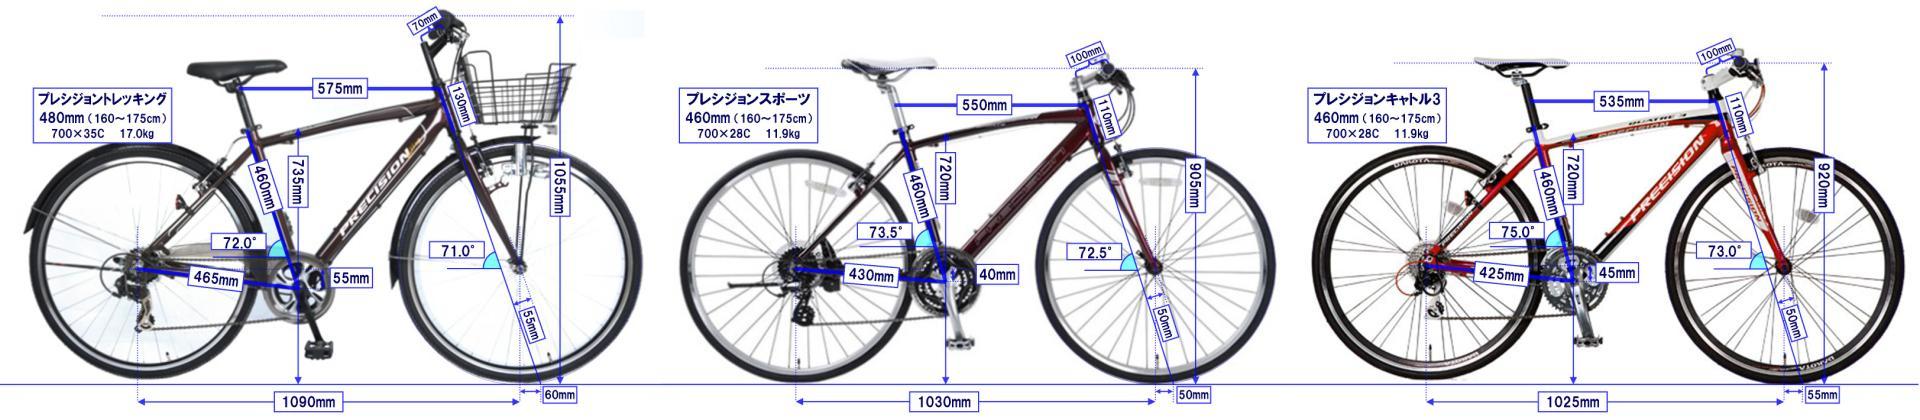 プレスポ】あさひPB自転車 ...